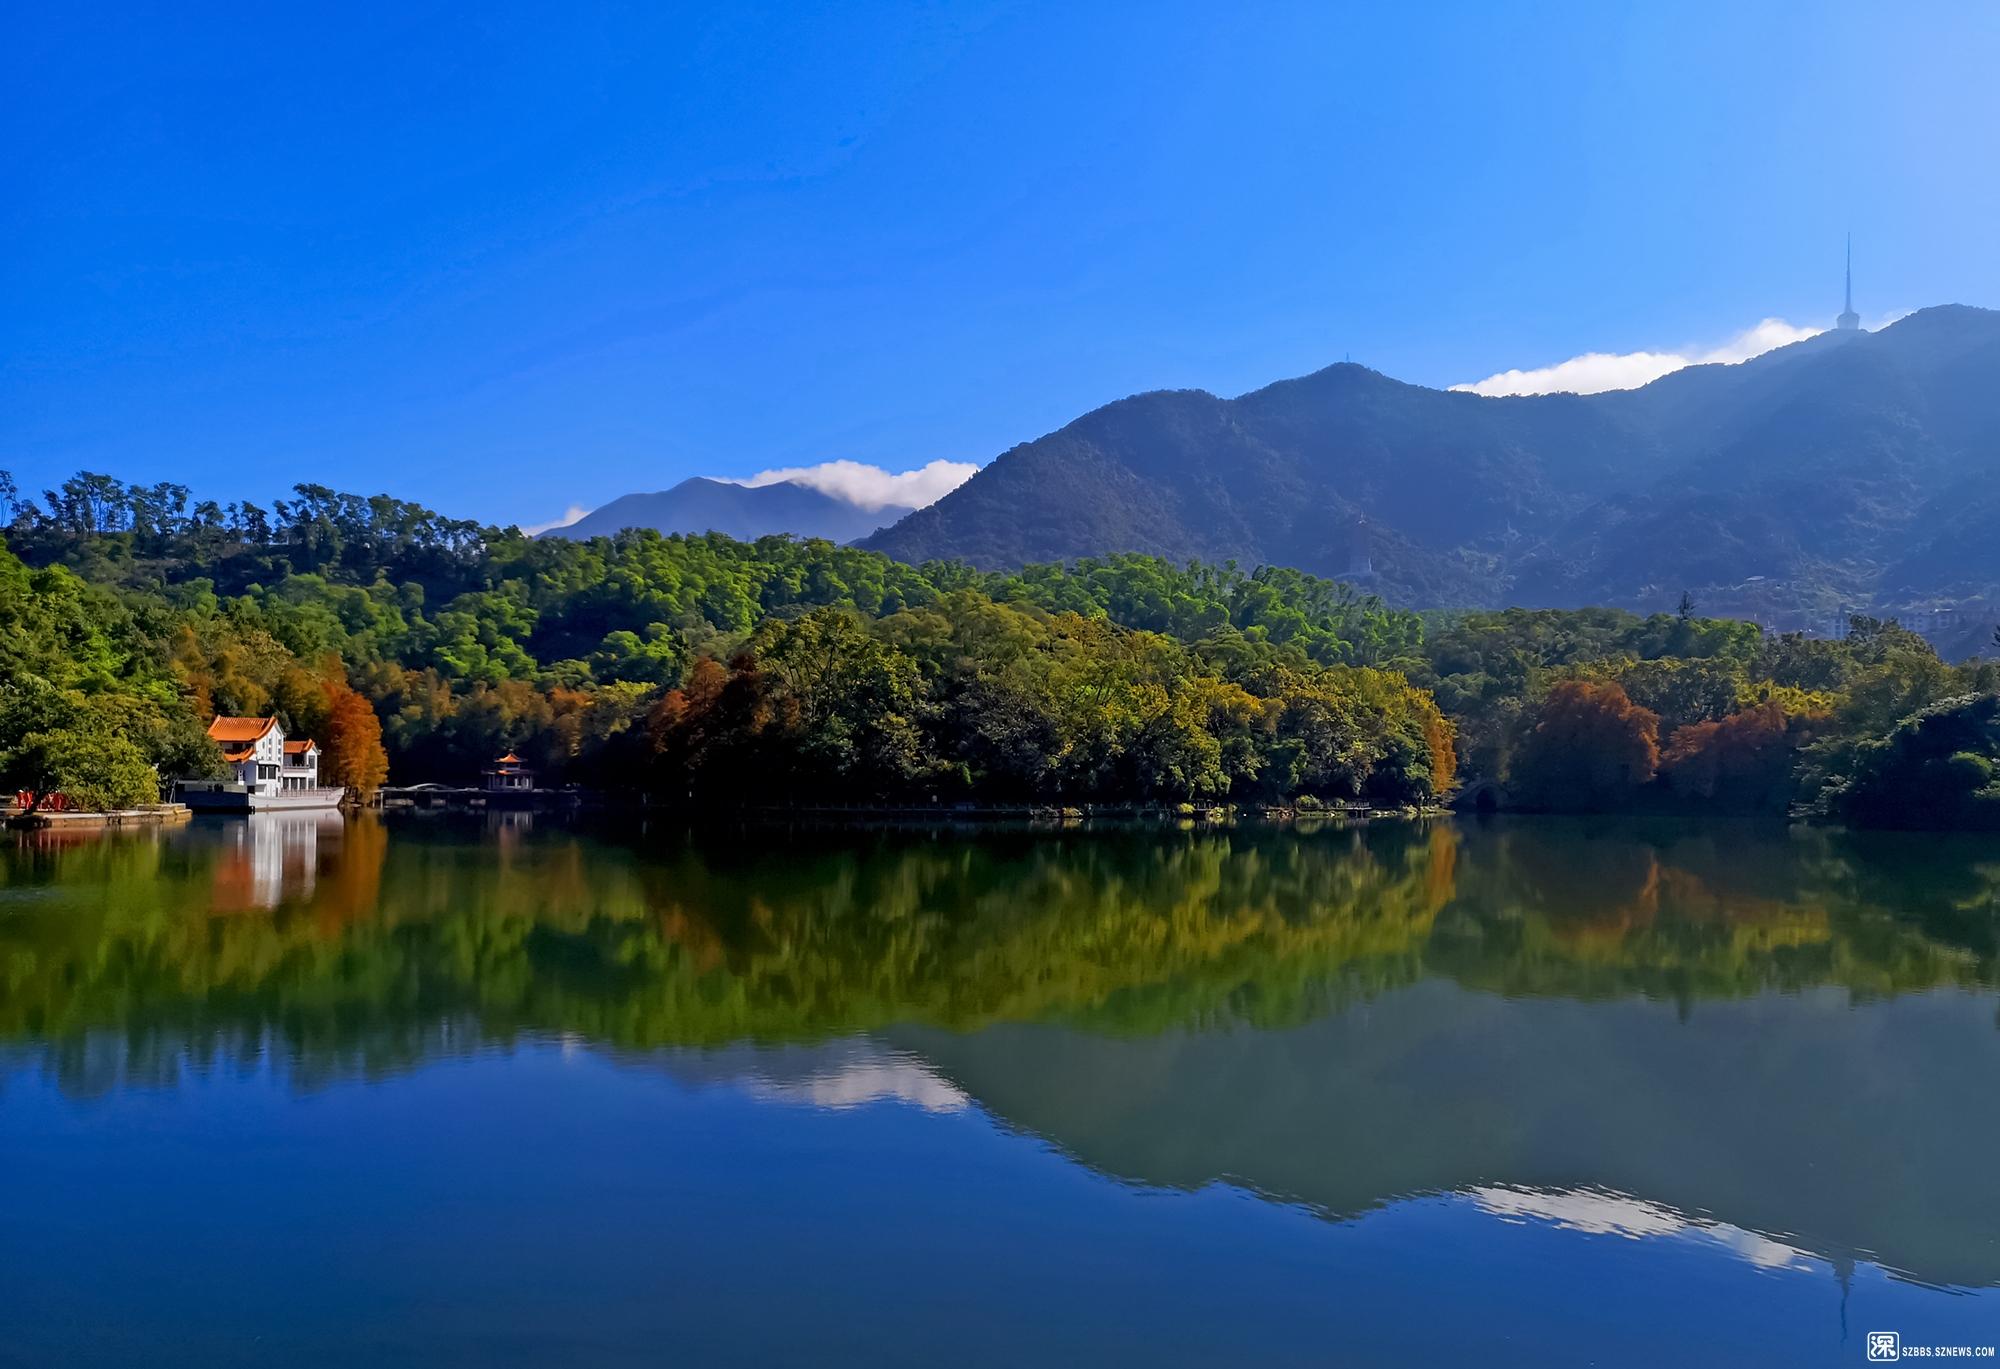 梧桐风景.jp